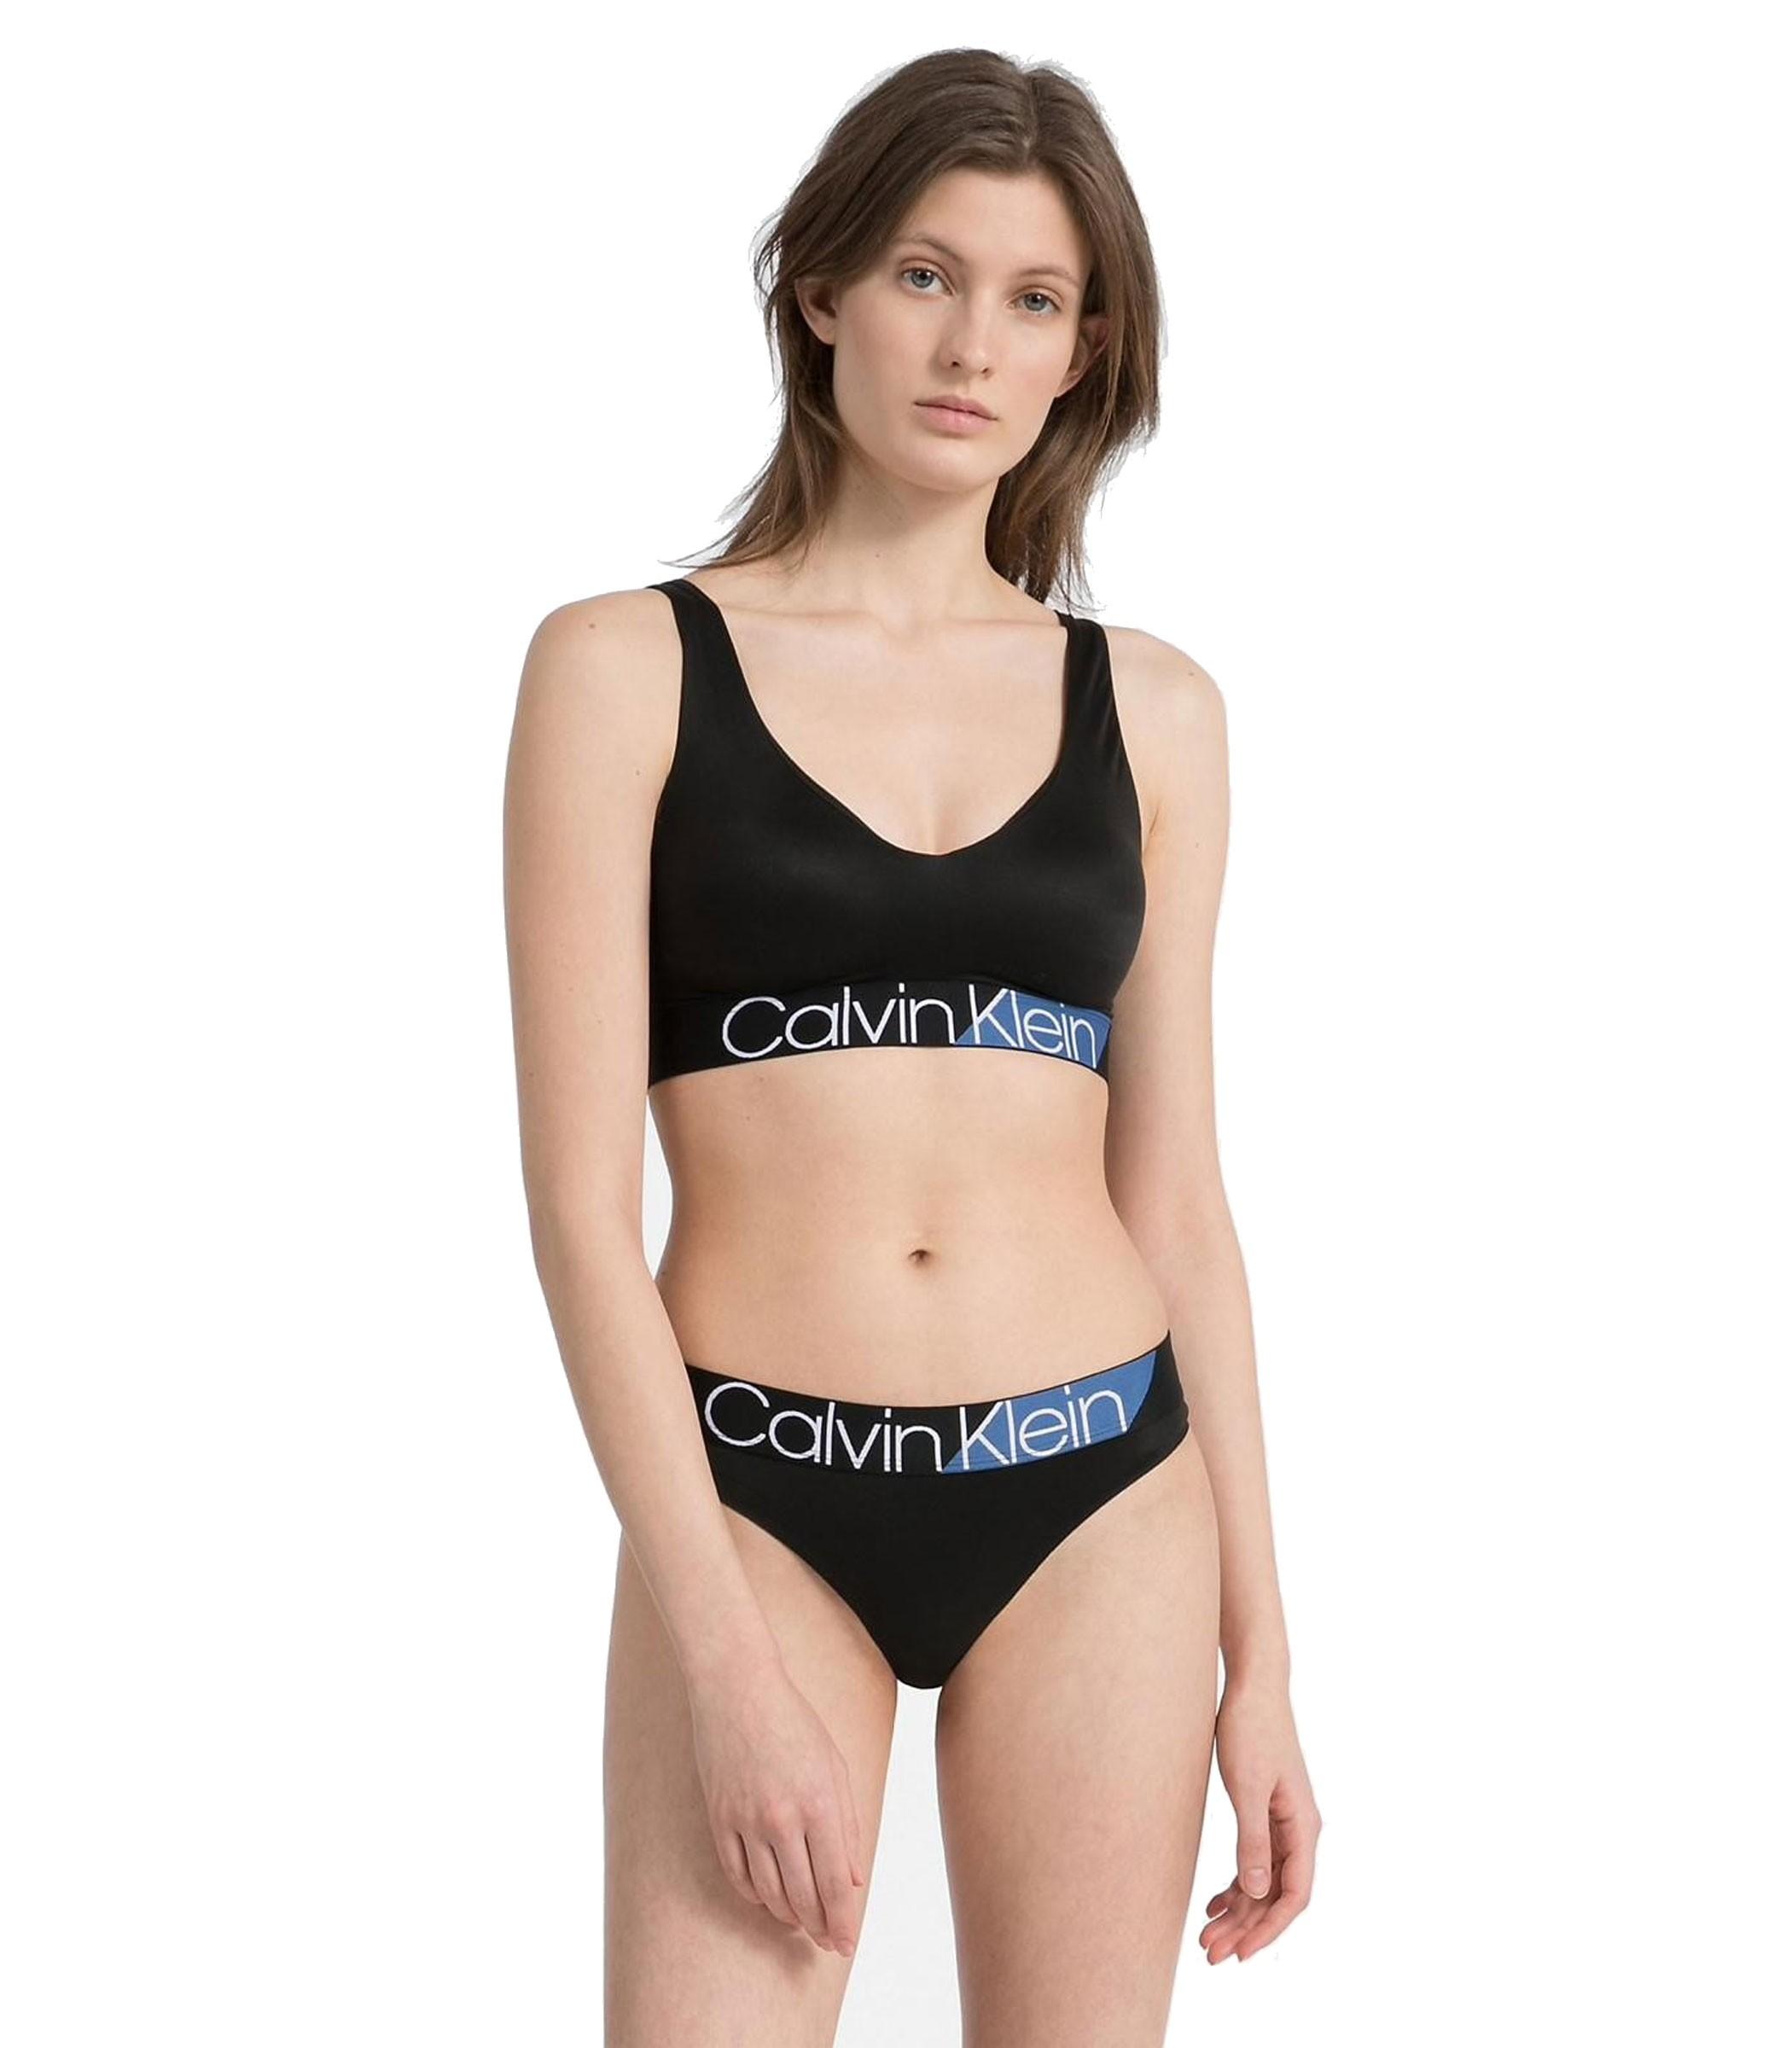 Acquista autentico goditi il miglior prezzo alta qualità Bralette reggiseno Calvin Klein Underwear da donna rif ...